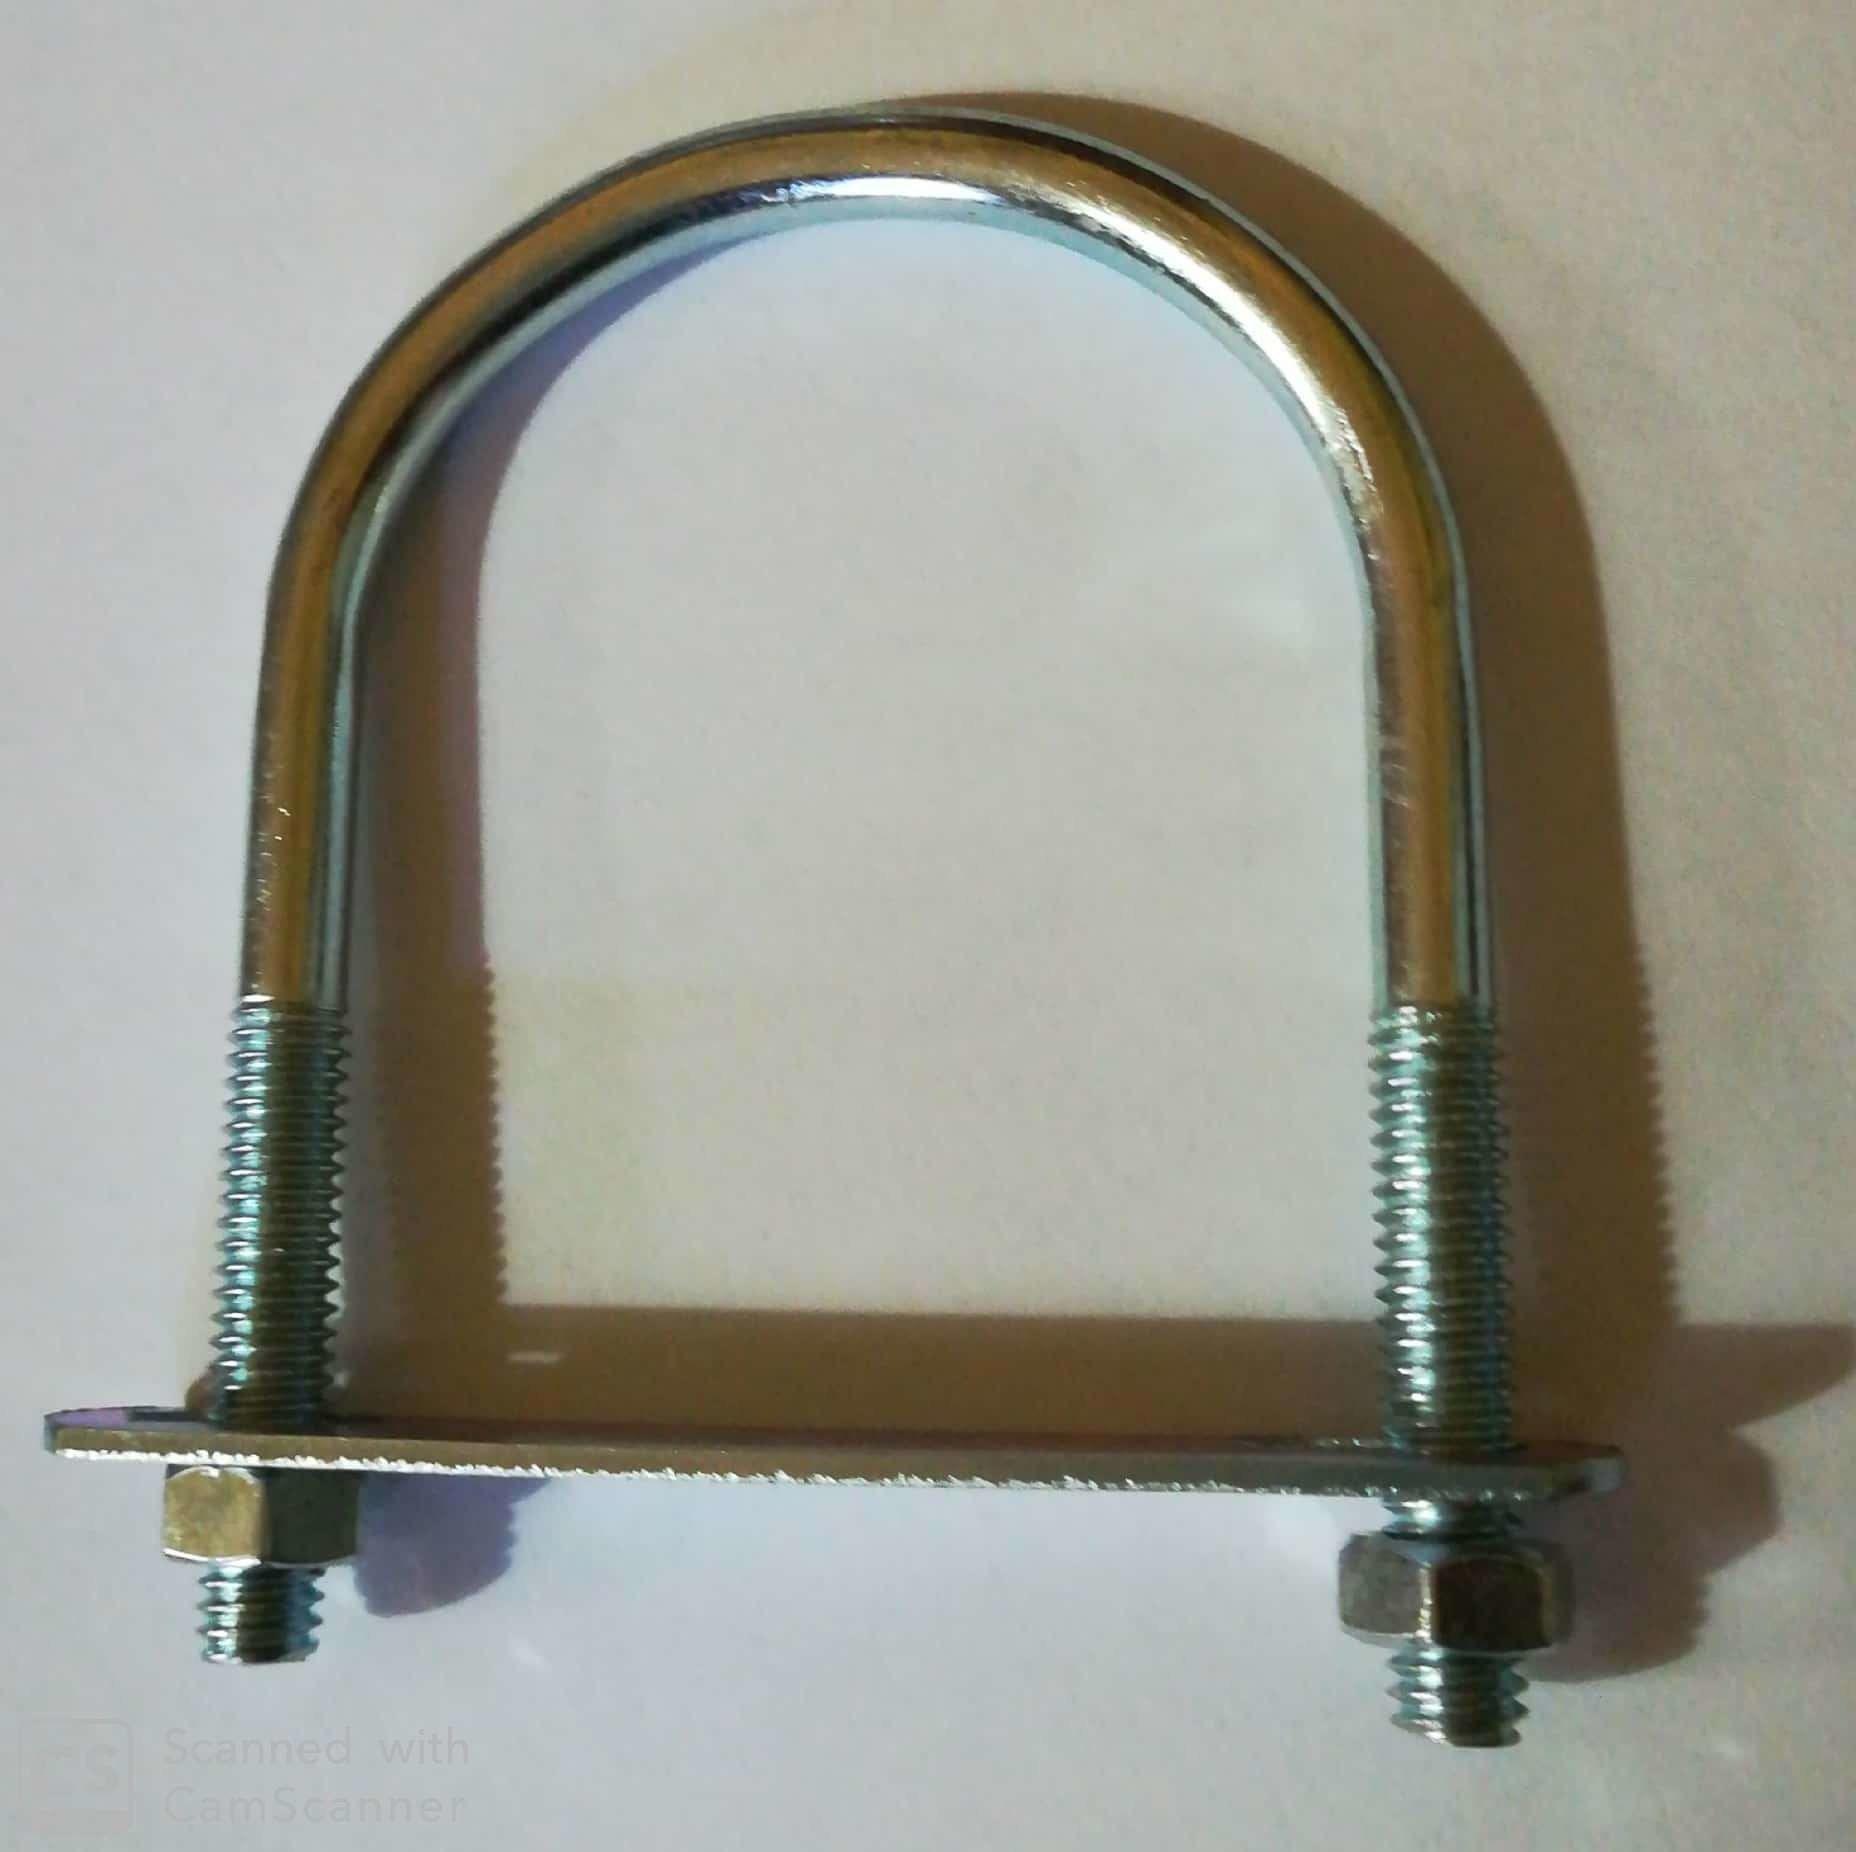 Cavallotto tondo mm 6,9 x 89 con piastra e dadi in ferro zincato